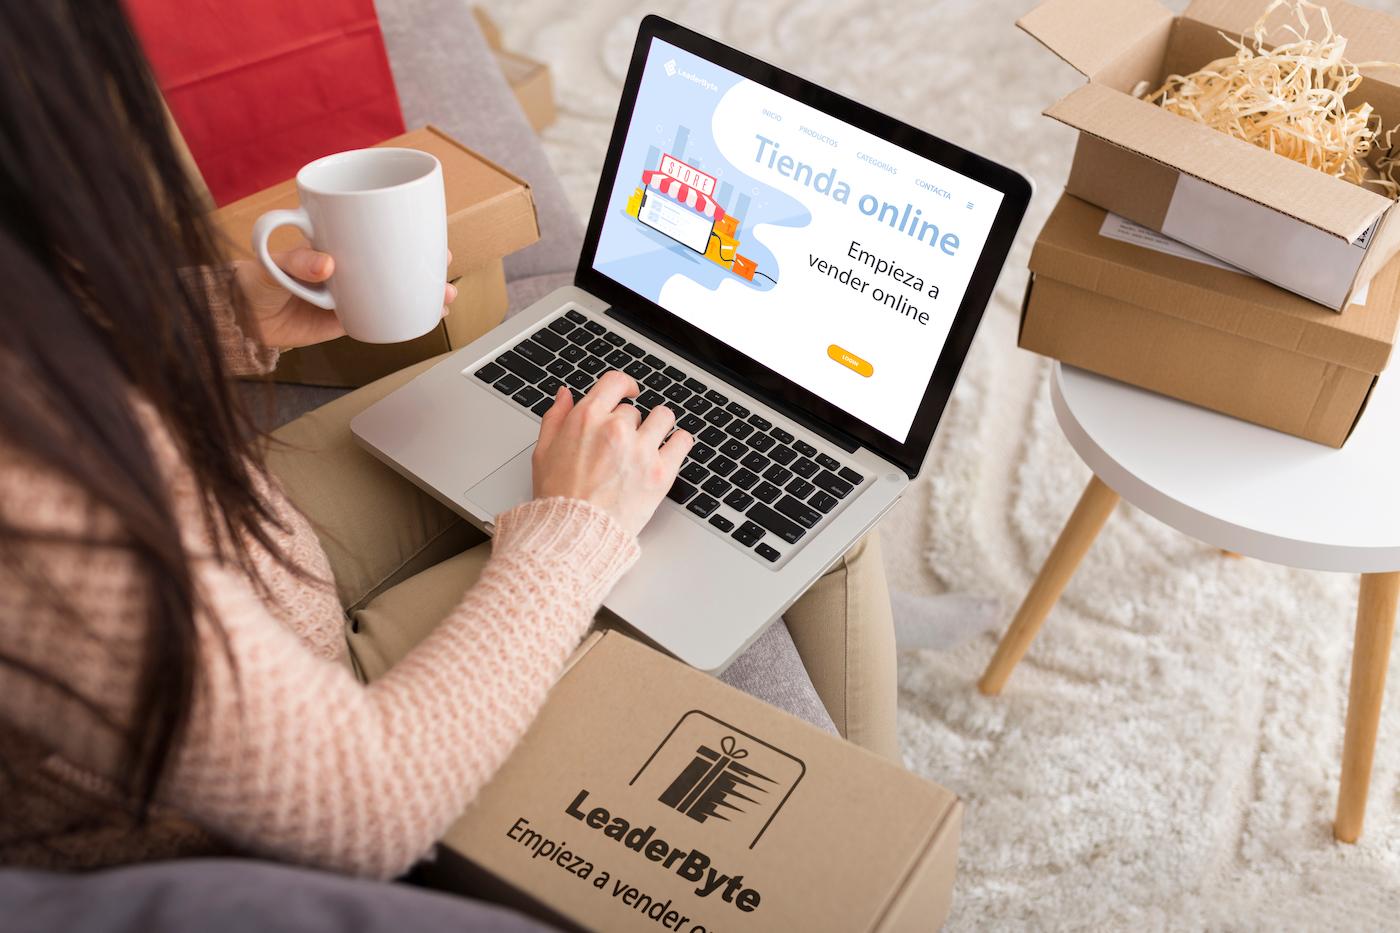 Empieza a vender online con Liderfy